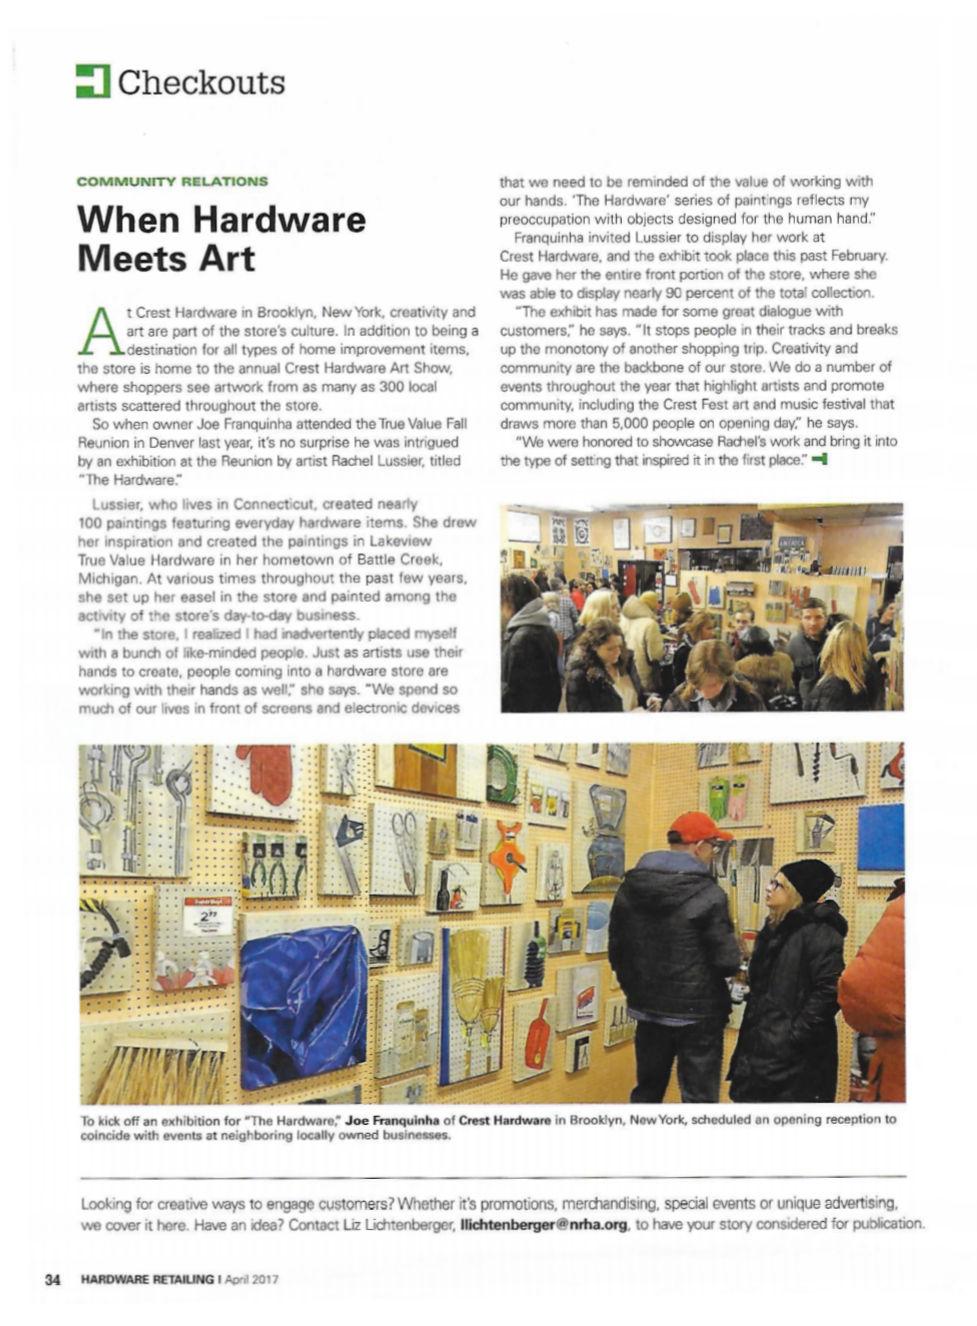 hardware retailing magazine